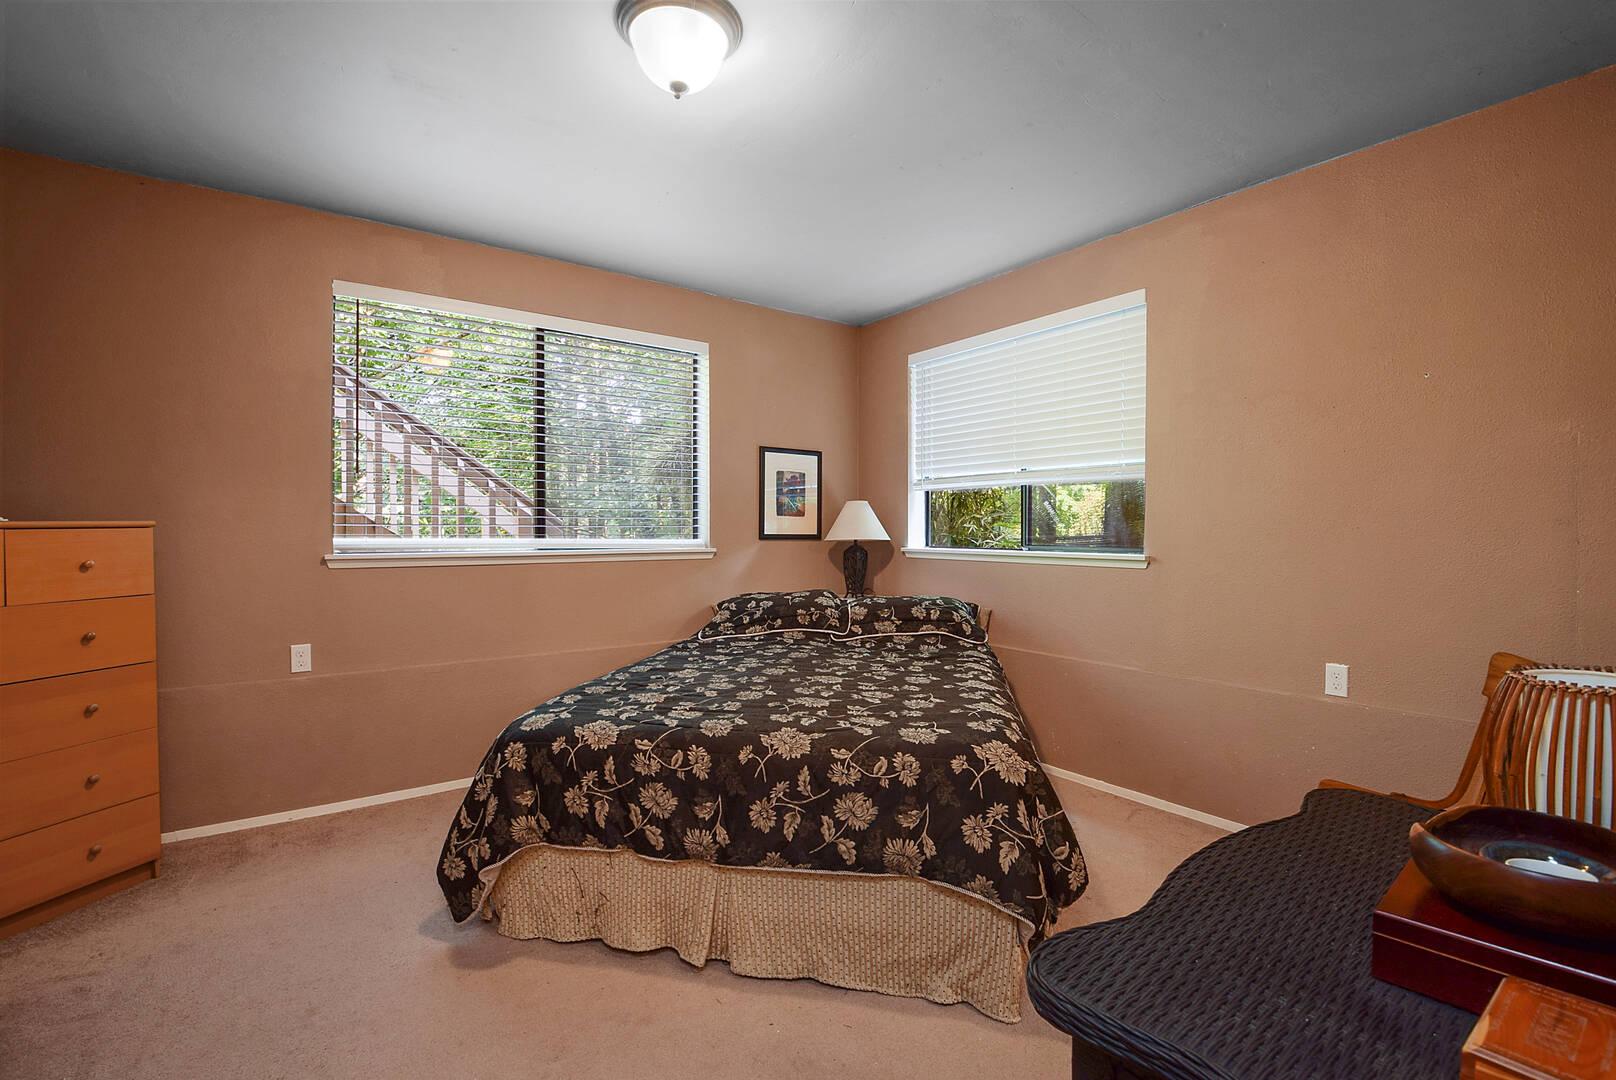 28007 NE Ames Lake Rd, Redmond, WA 98053